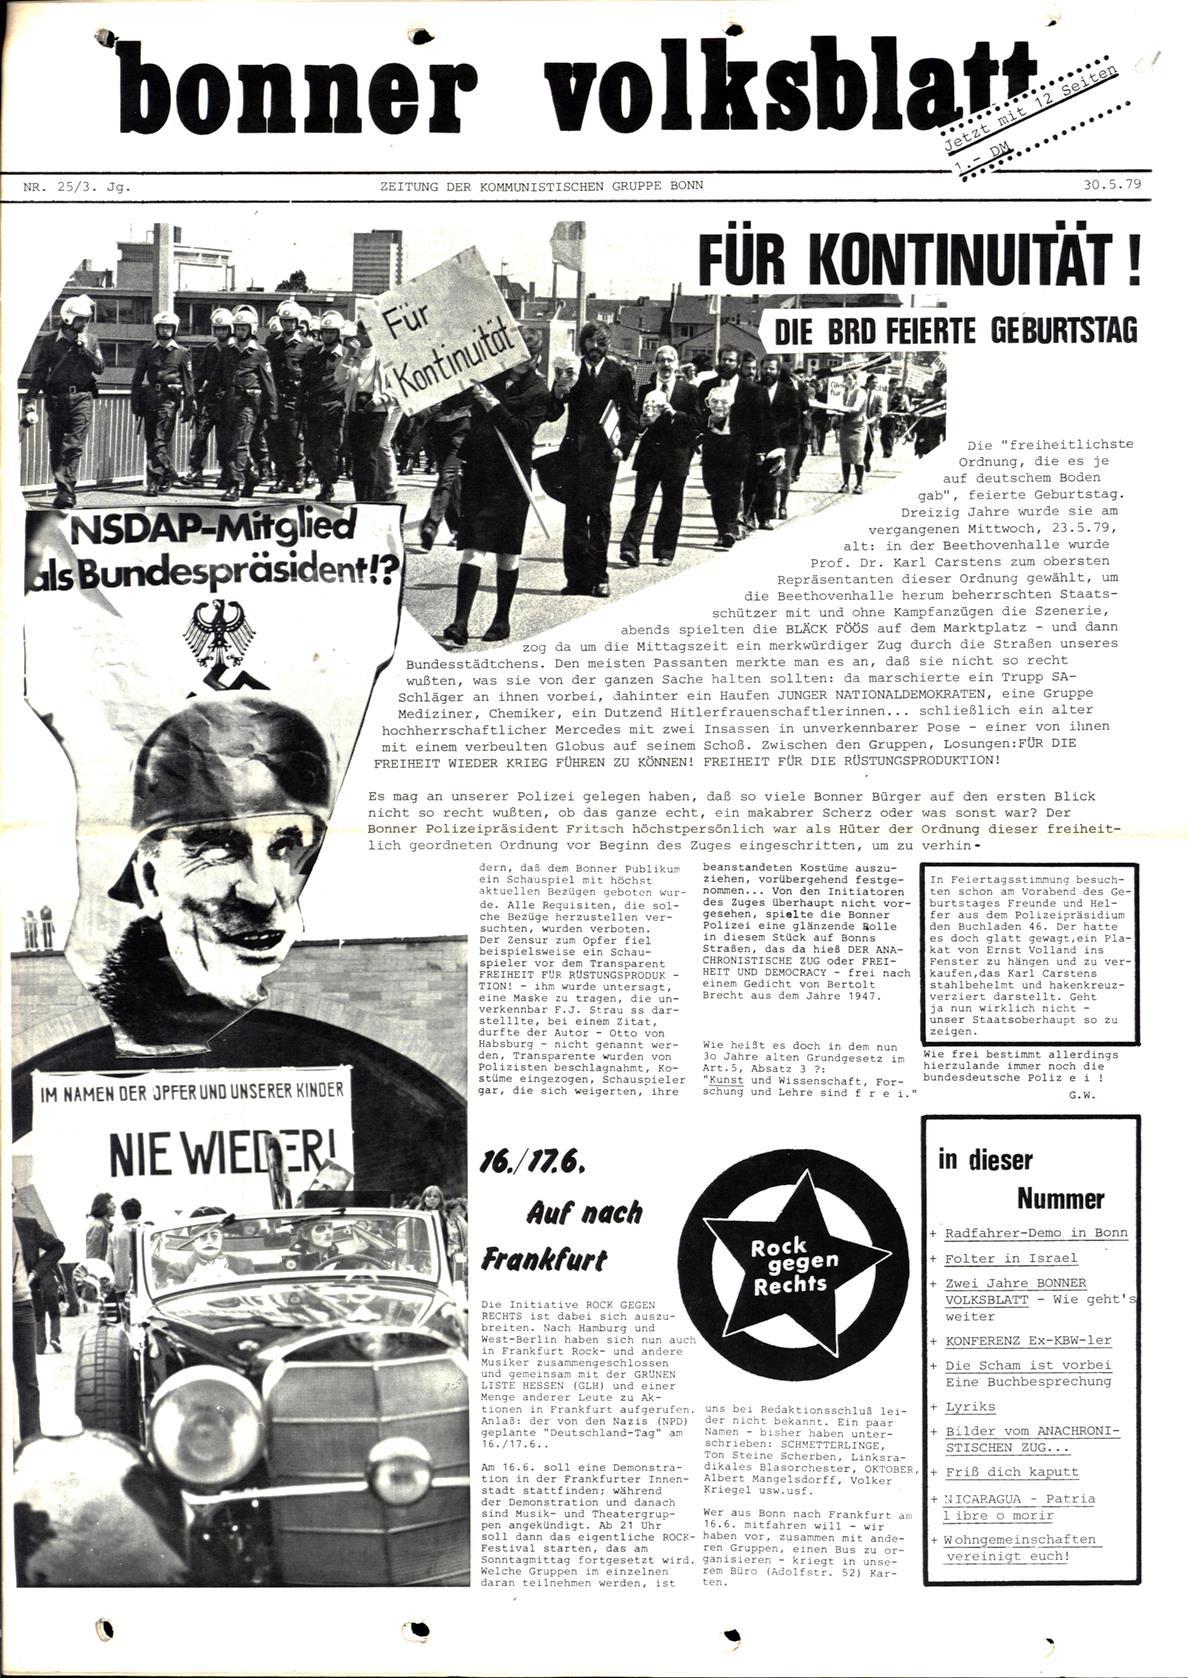 Bonner_Volksblatt_25_19790530_01